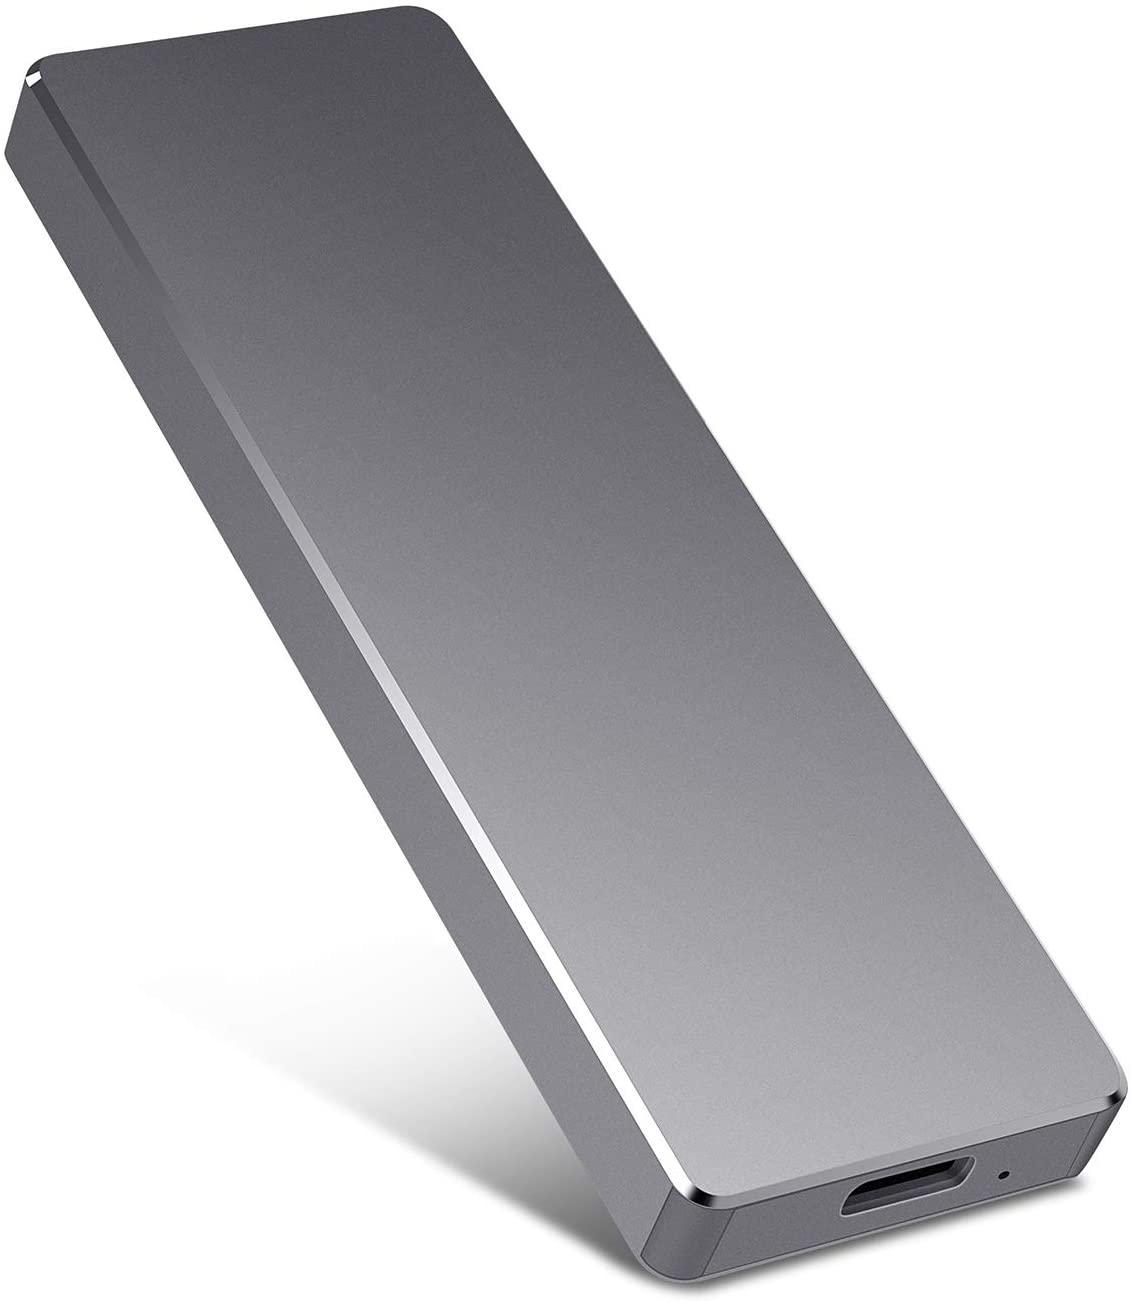 Portable Hard Drive External 1TB 2TB External Hard Drive Portable HDD Storage Compatible for PC, Mac, Desktop, Laptop-Black